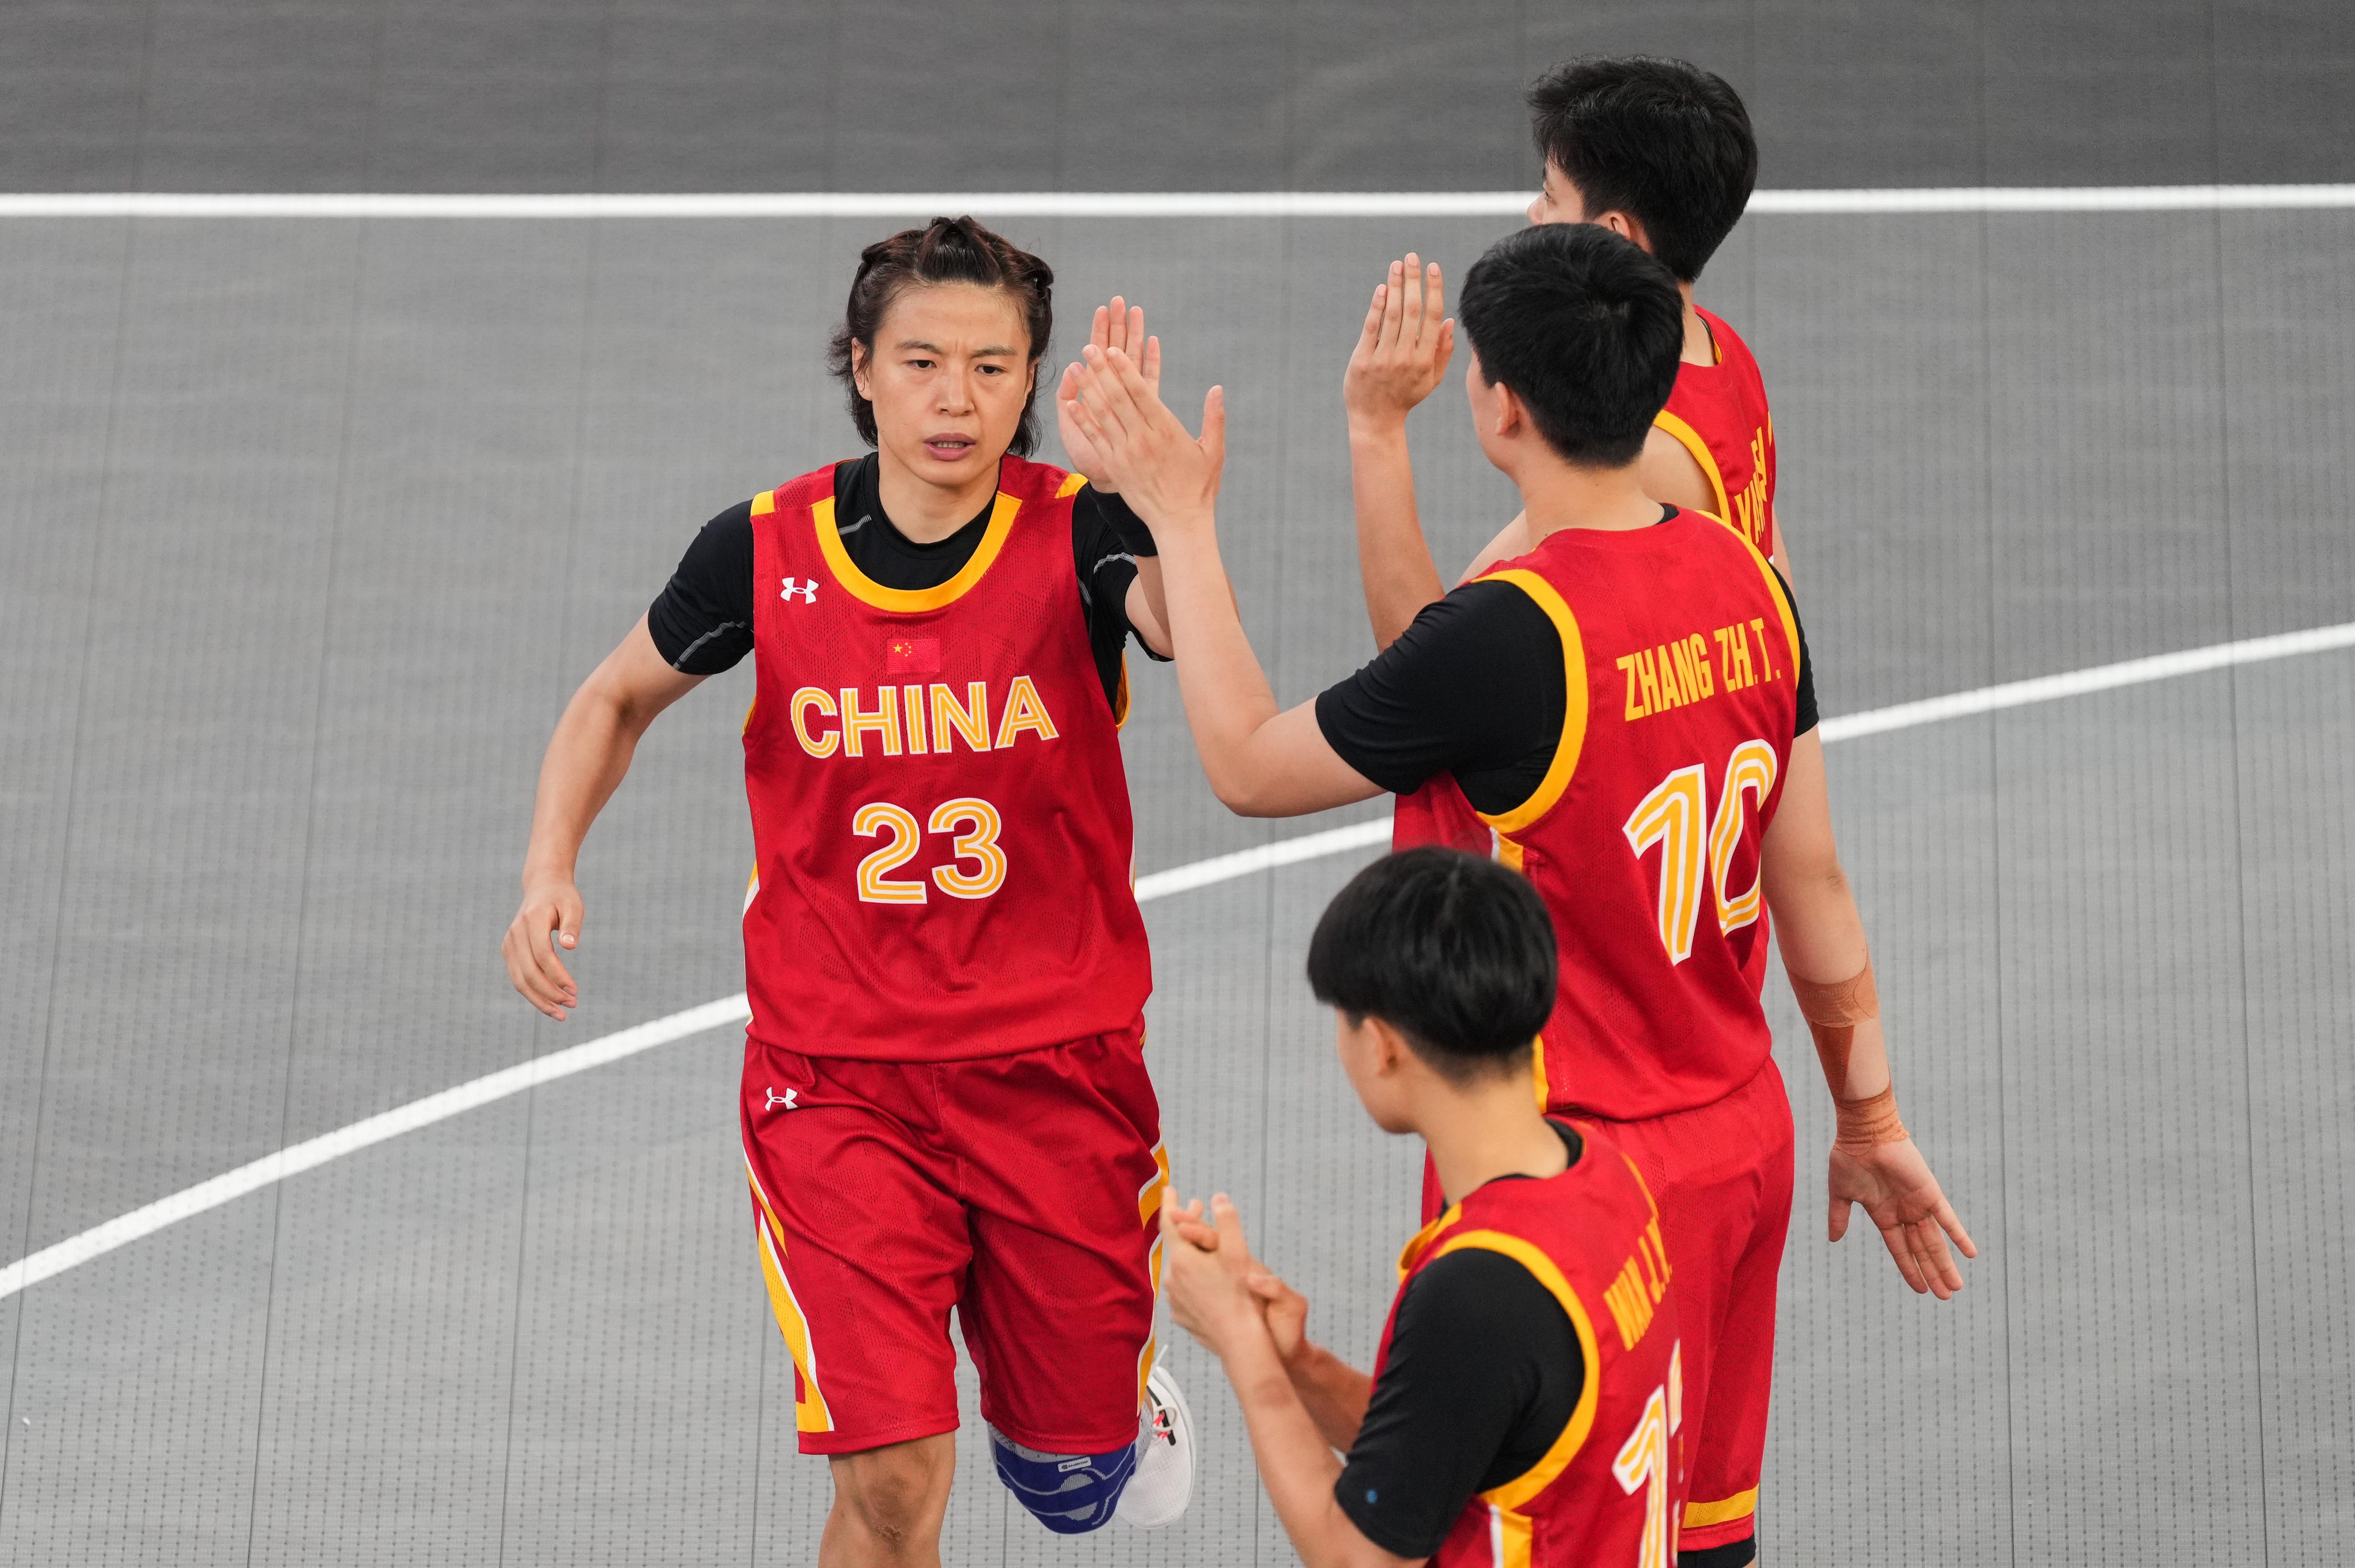 王丽丽(左)已经打服了网友。